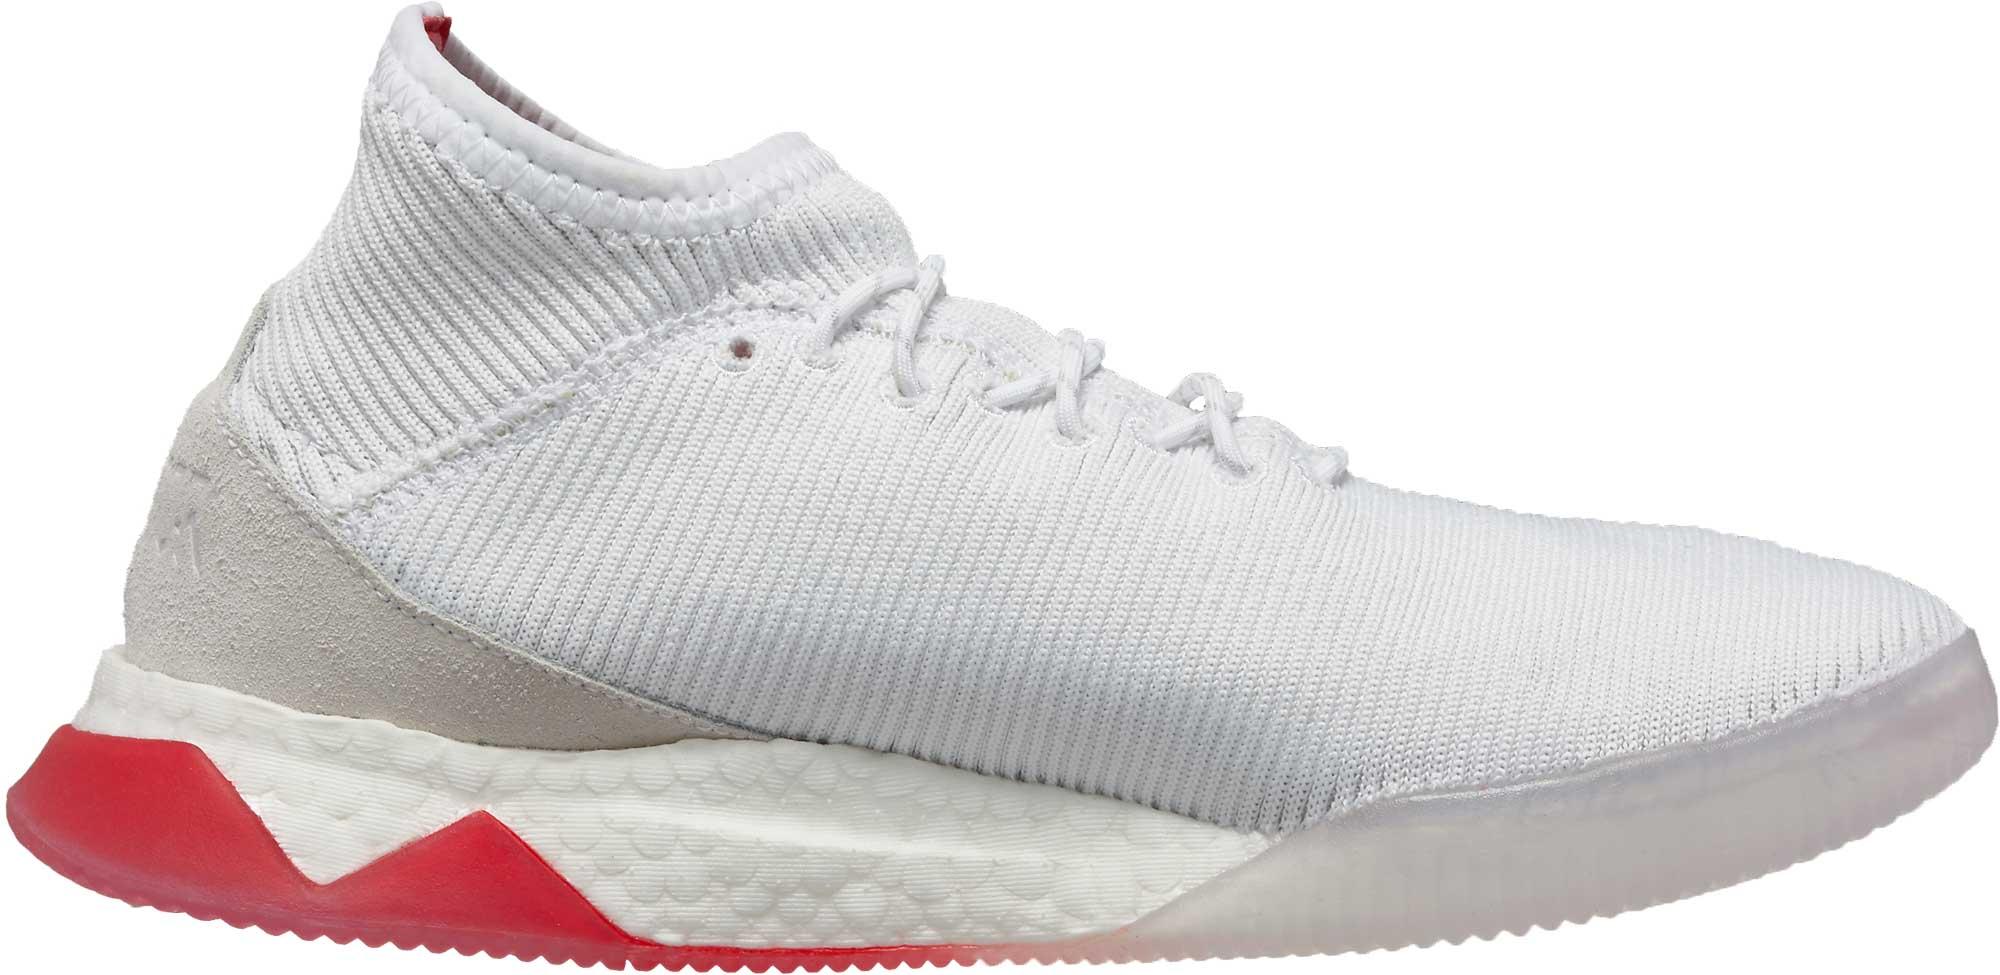 9f9dcbb9f9f1bb adidas Predator Tango 18.1 TR – White Real Coral